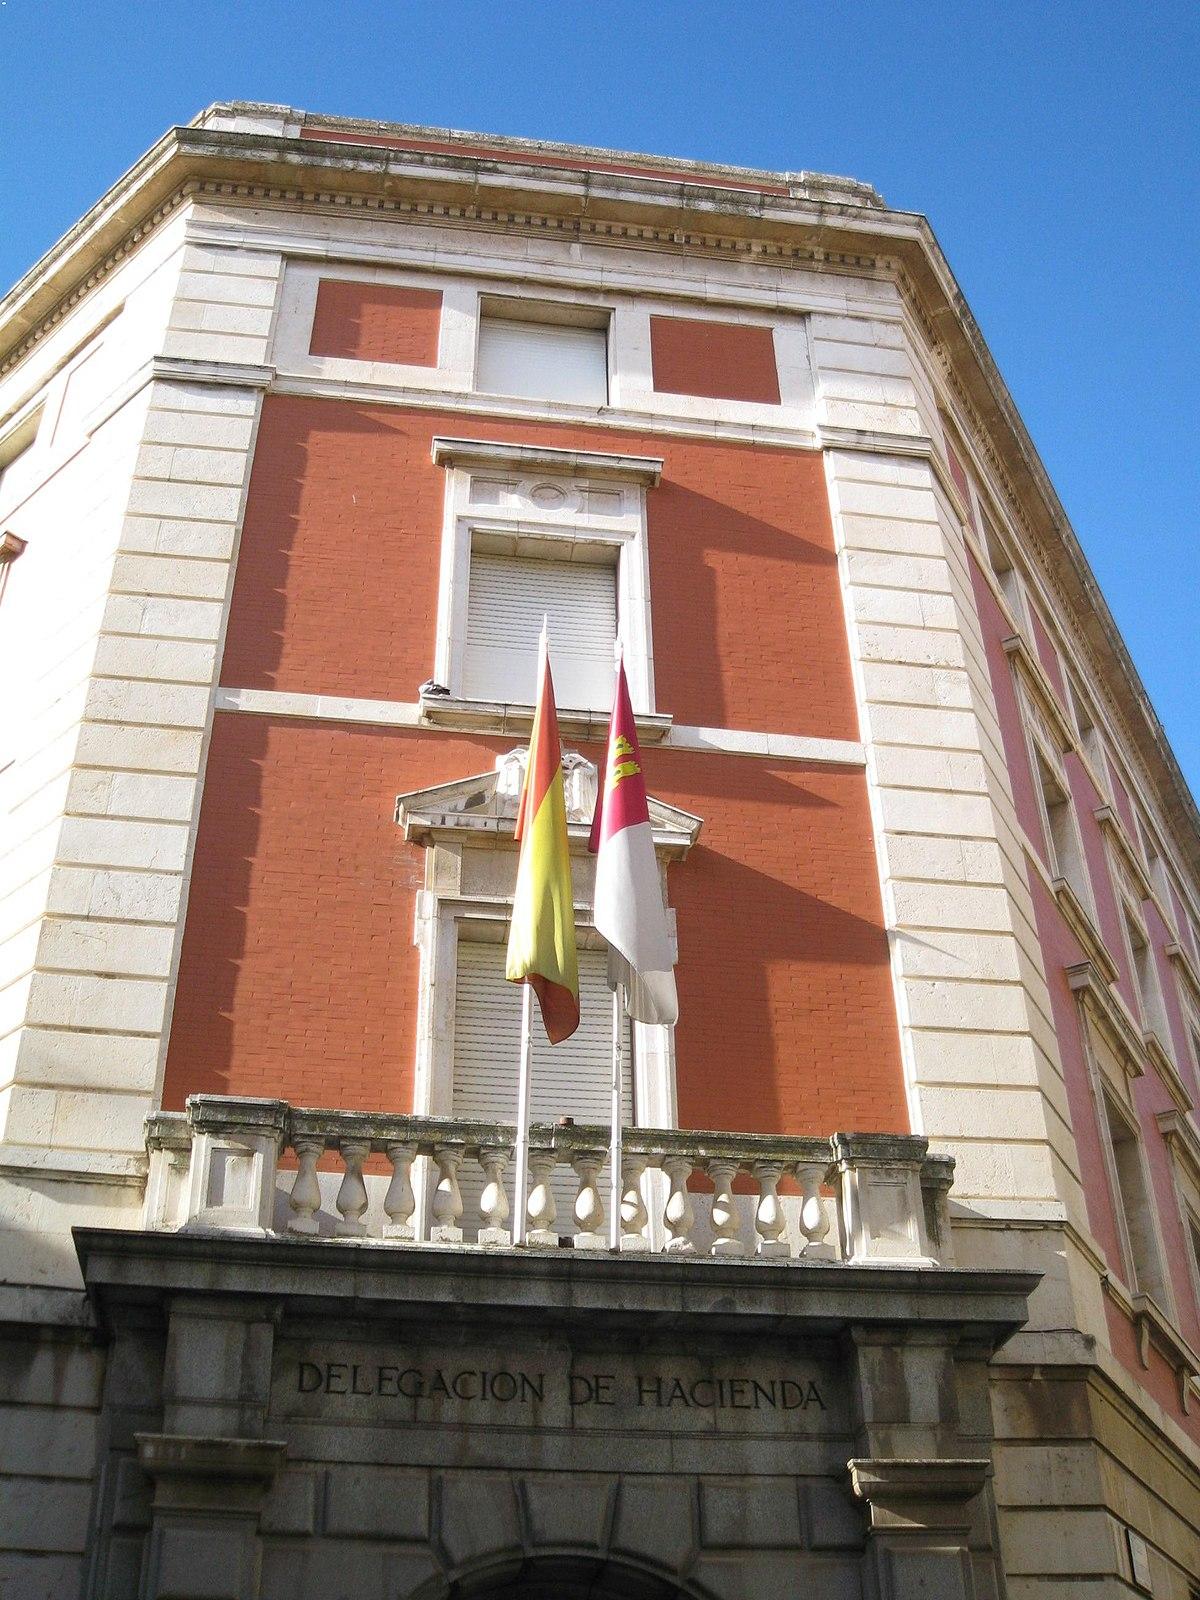 Edificio de la delegaci n de hacienda guadalajara for Oficina hacienda madrid